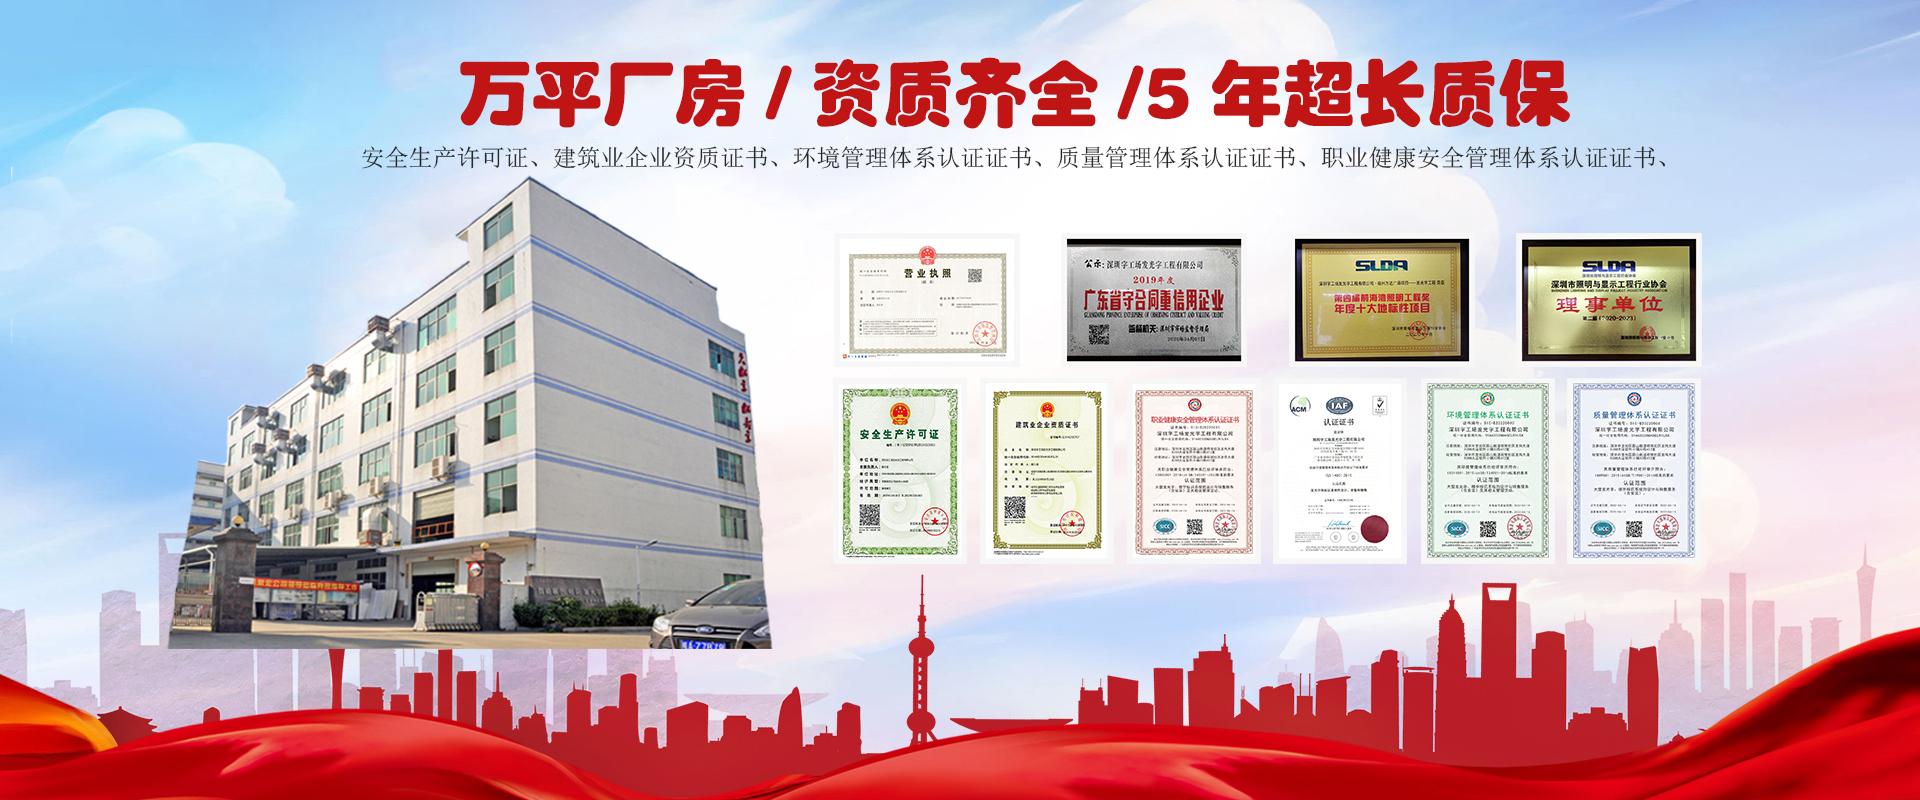 立足深圳 服务全国 占领每个城市至高的